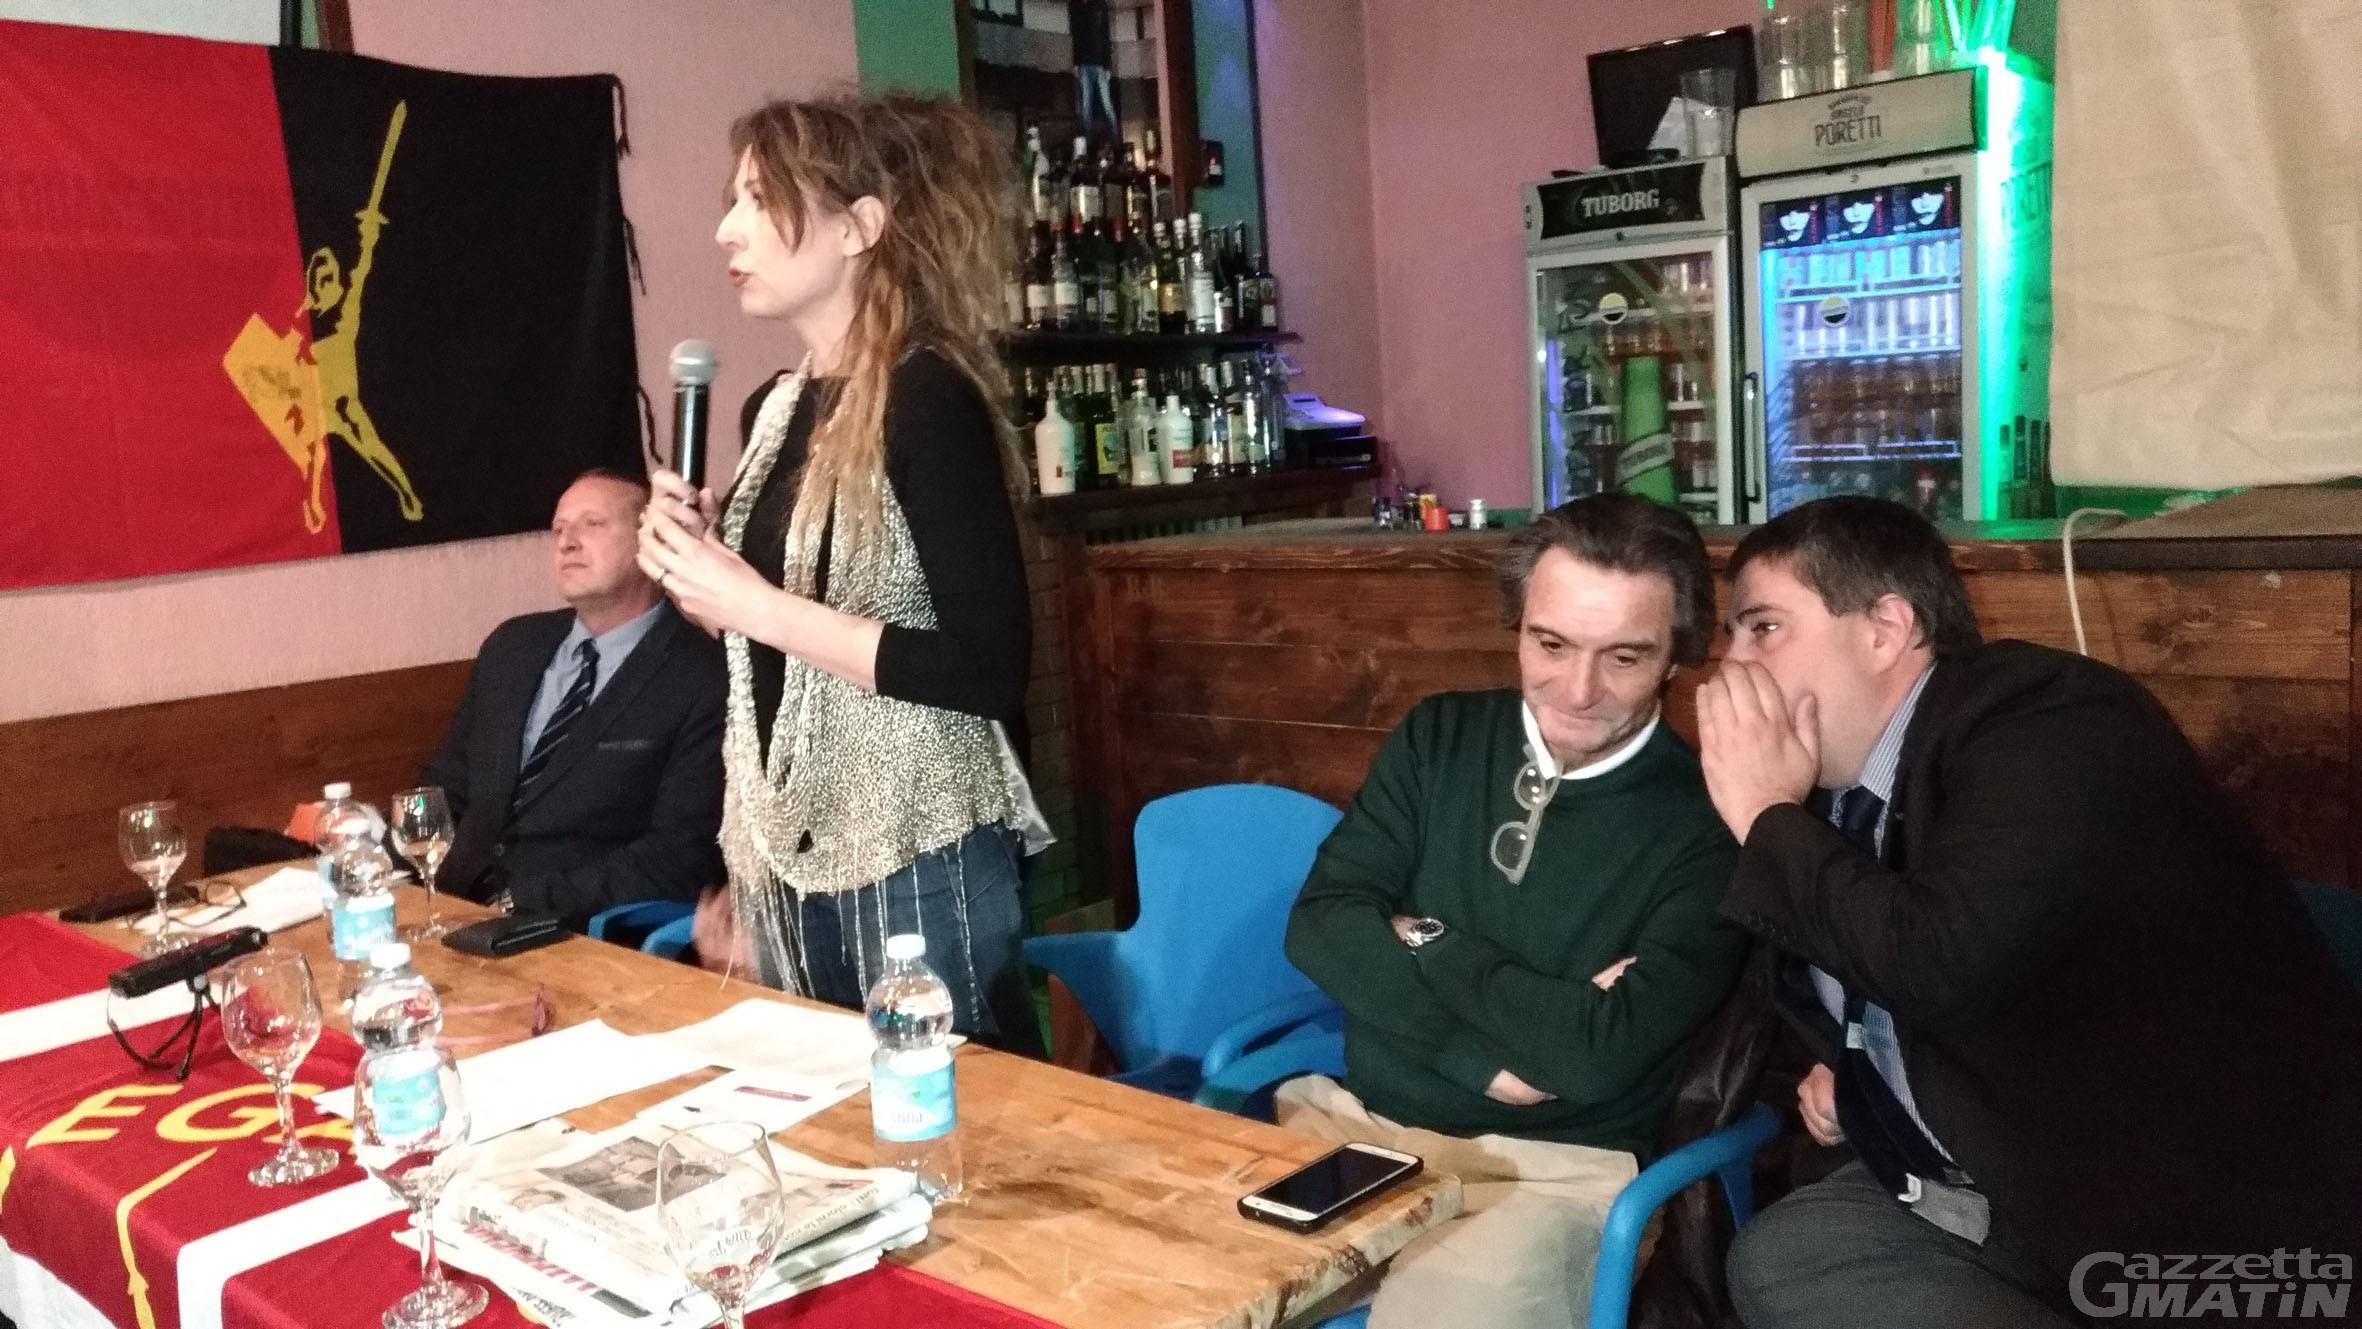 Municipio, Andrione chiede le dimissioni del sindaco Centoz